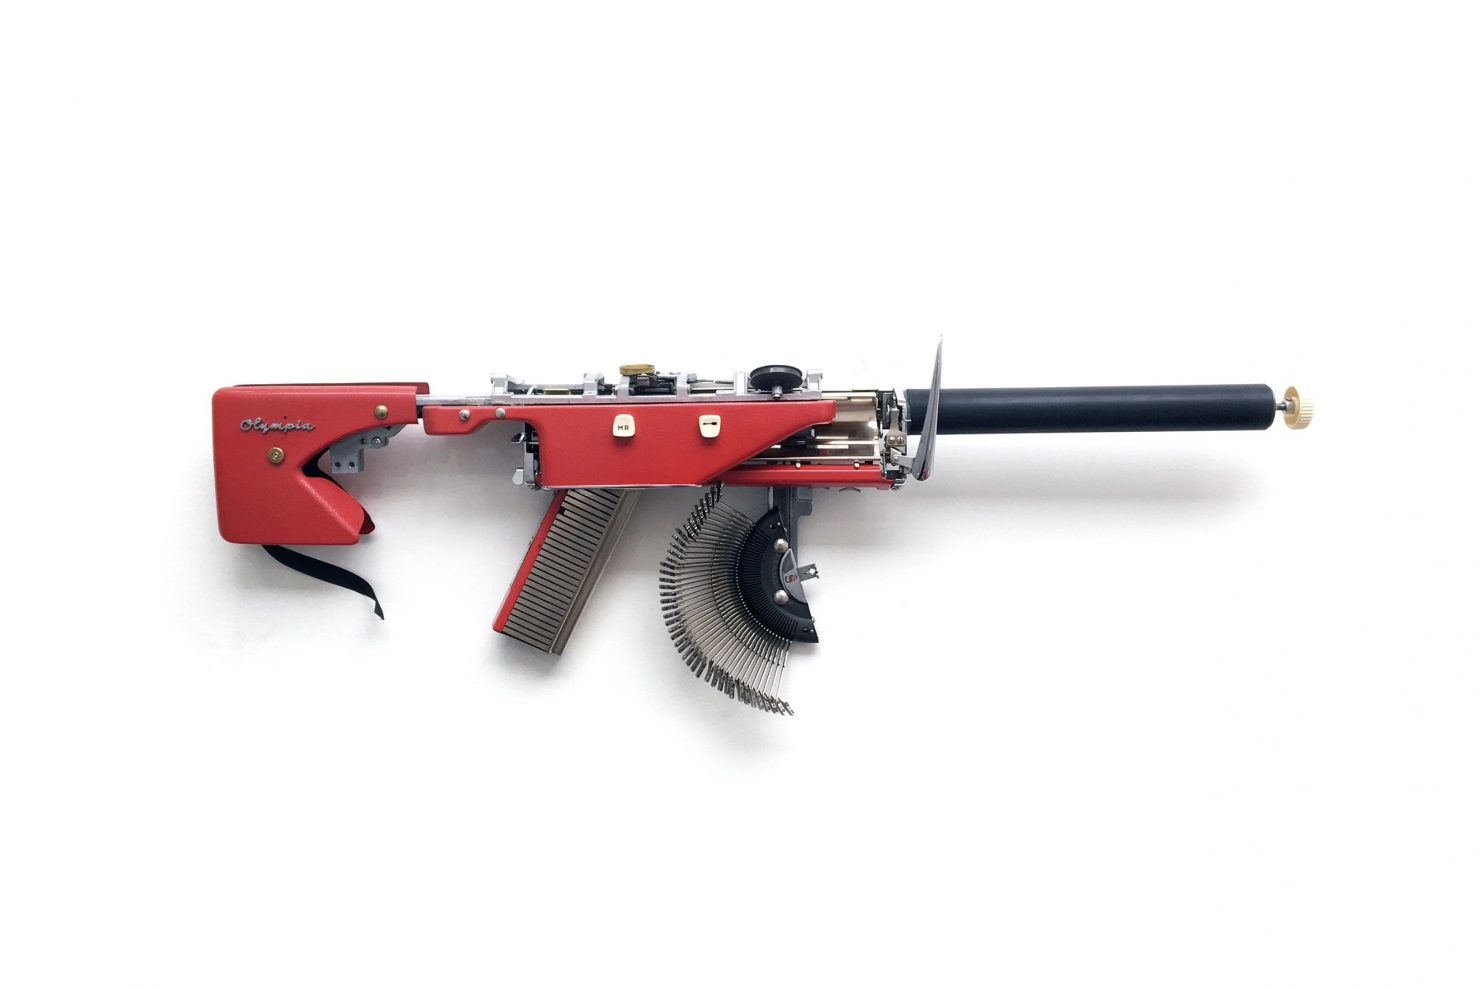 Typewriter Guns 7 1480x988 - Typewriter Guns